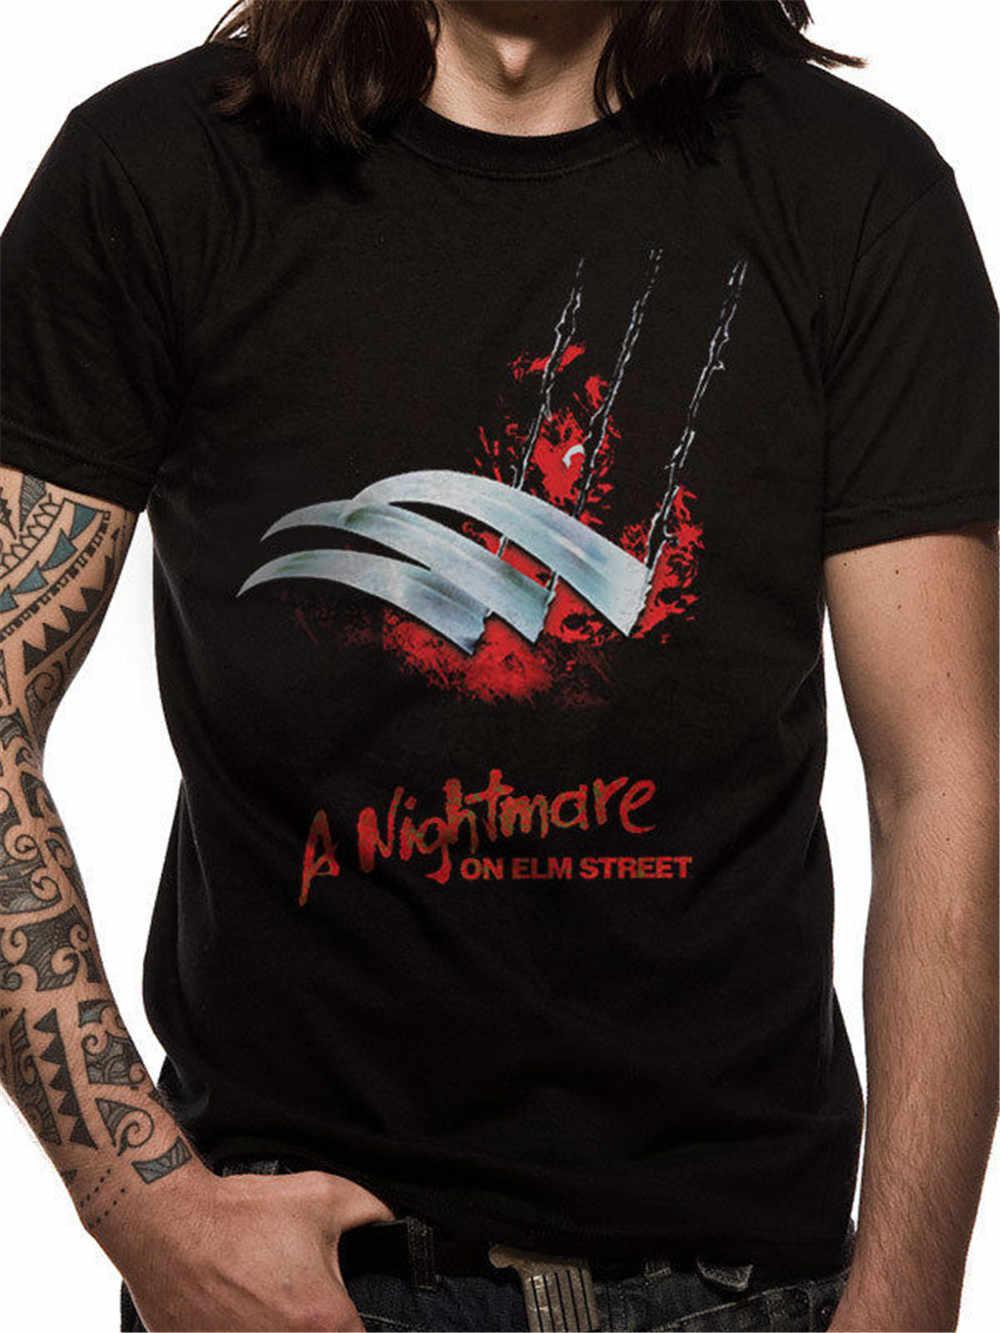 T-shirts grandes altos dos homens da rua de elm do pesadelo do cartaz das lâminas de freddy krueger